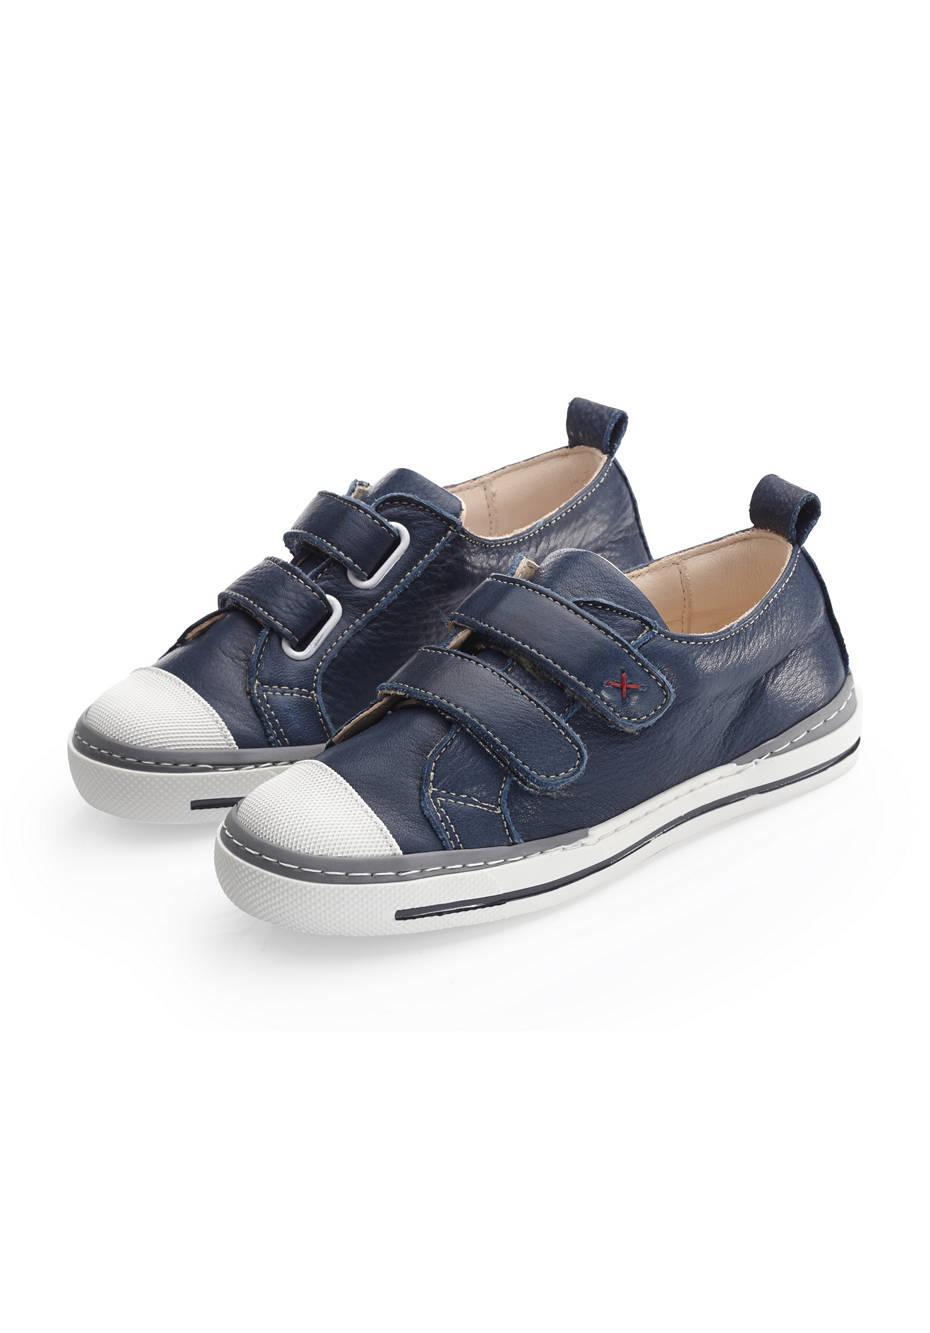 Jungen und Mädchen Leder-Sneaker